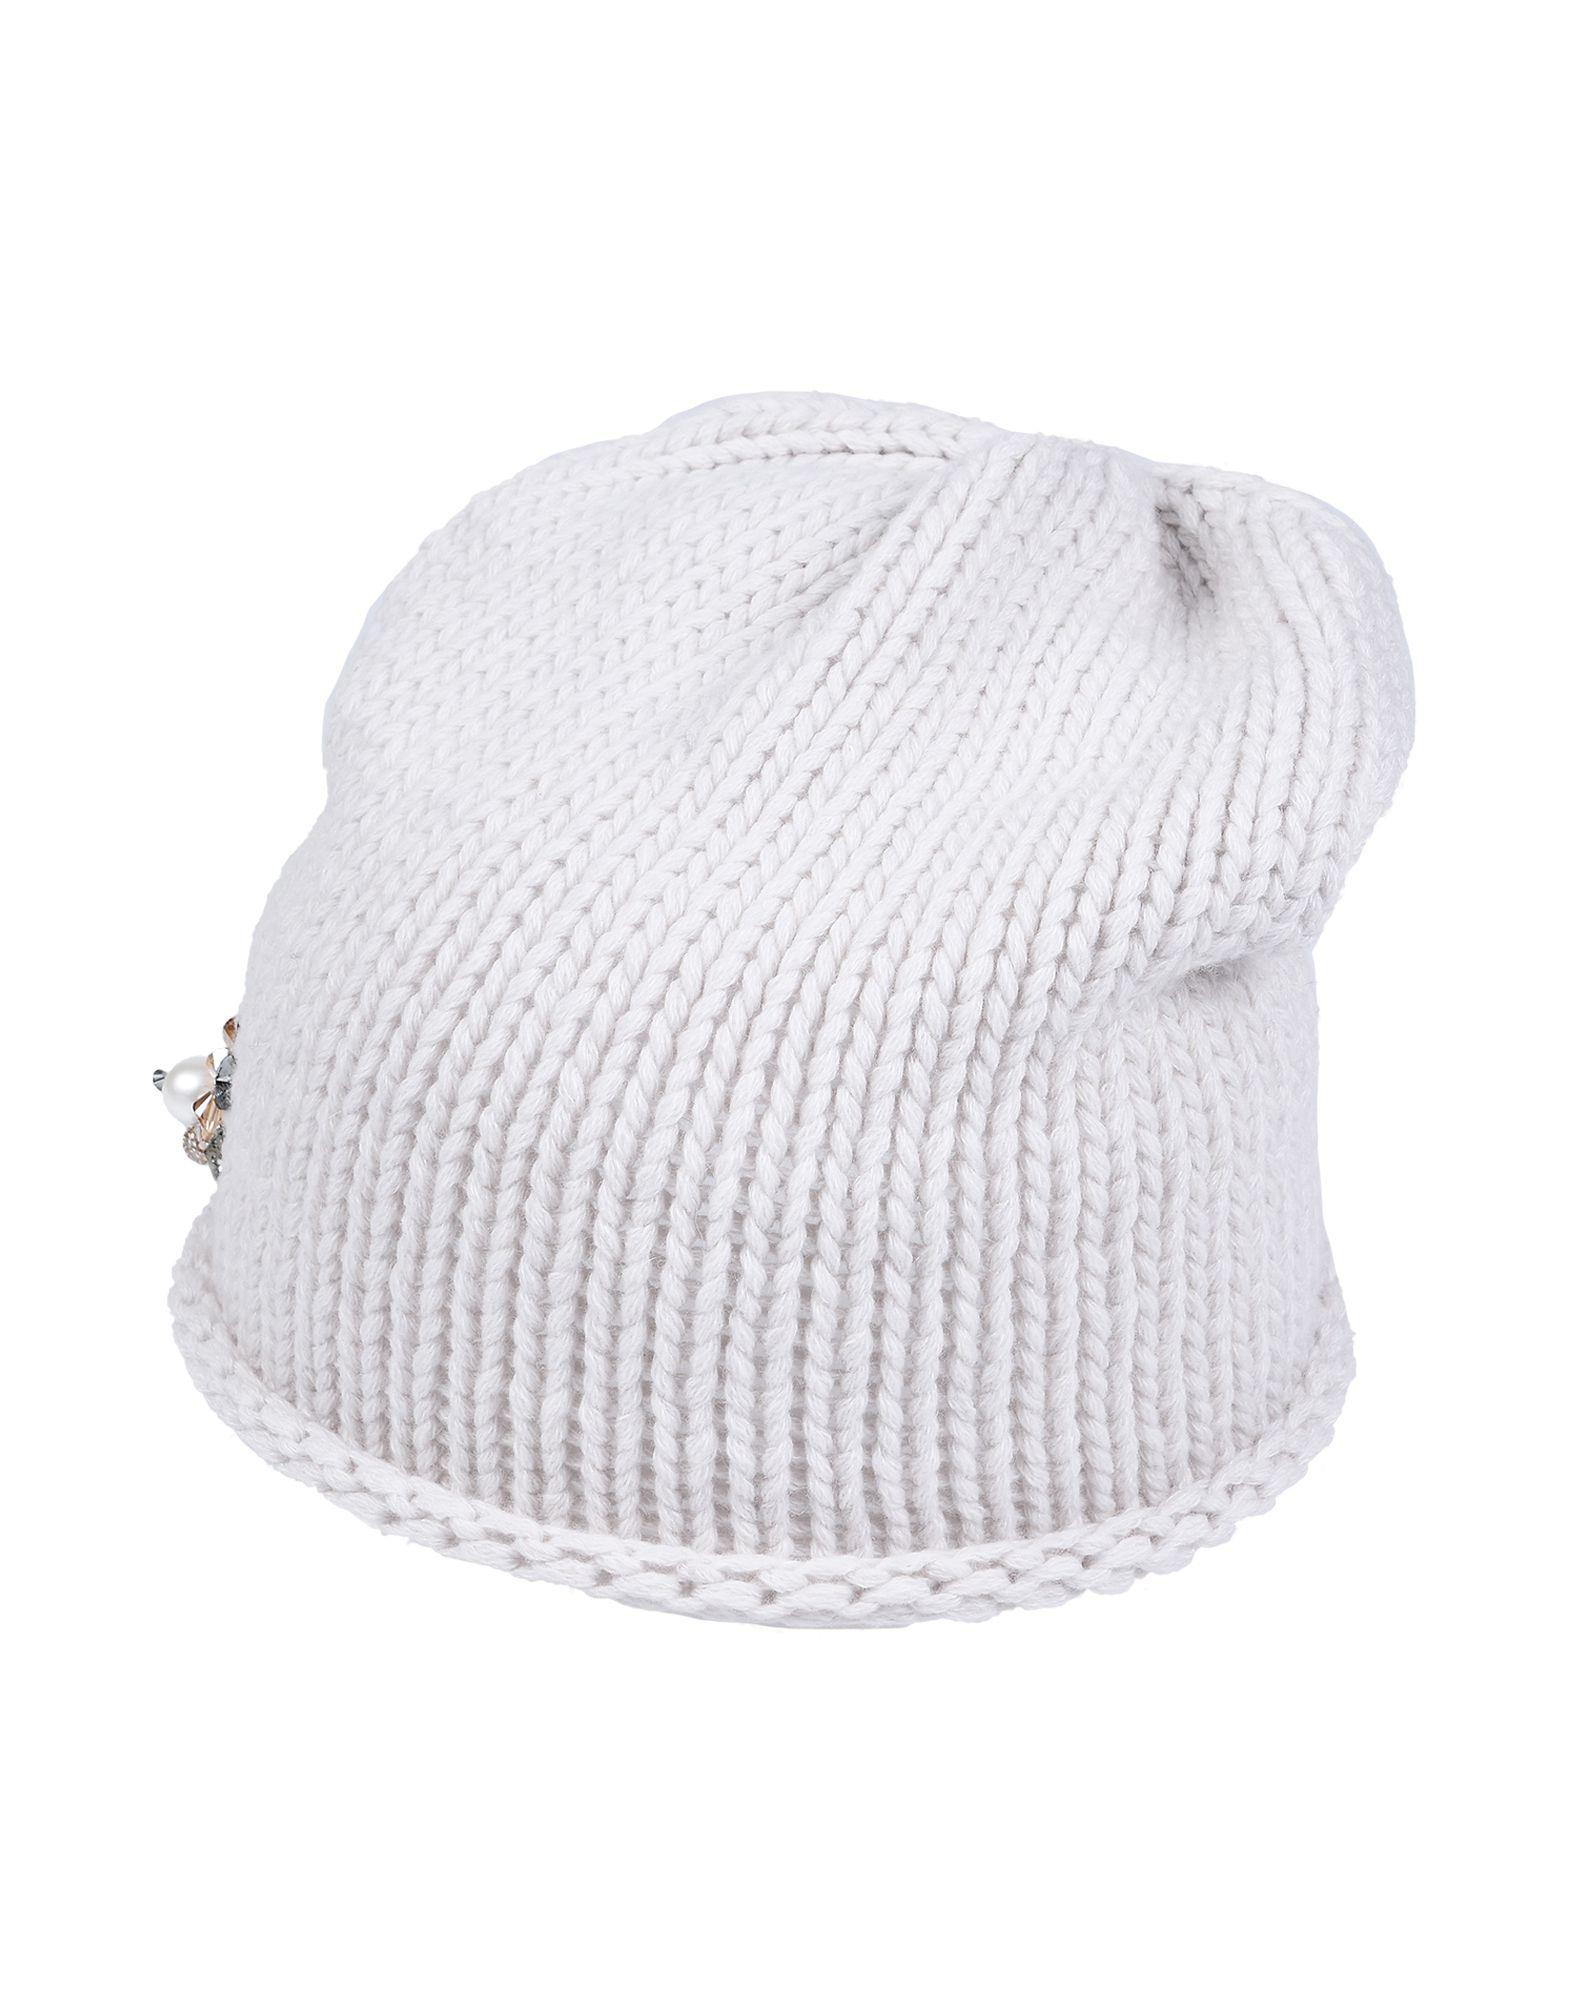 Gorros y sombreros. ¿Los accesorios más divertidos y elegantes ... af2771e8efa